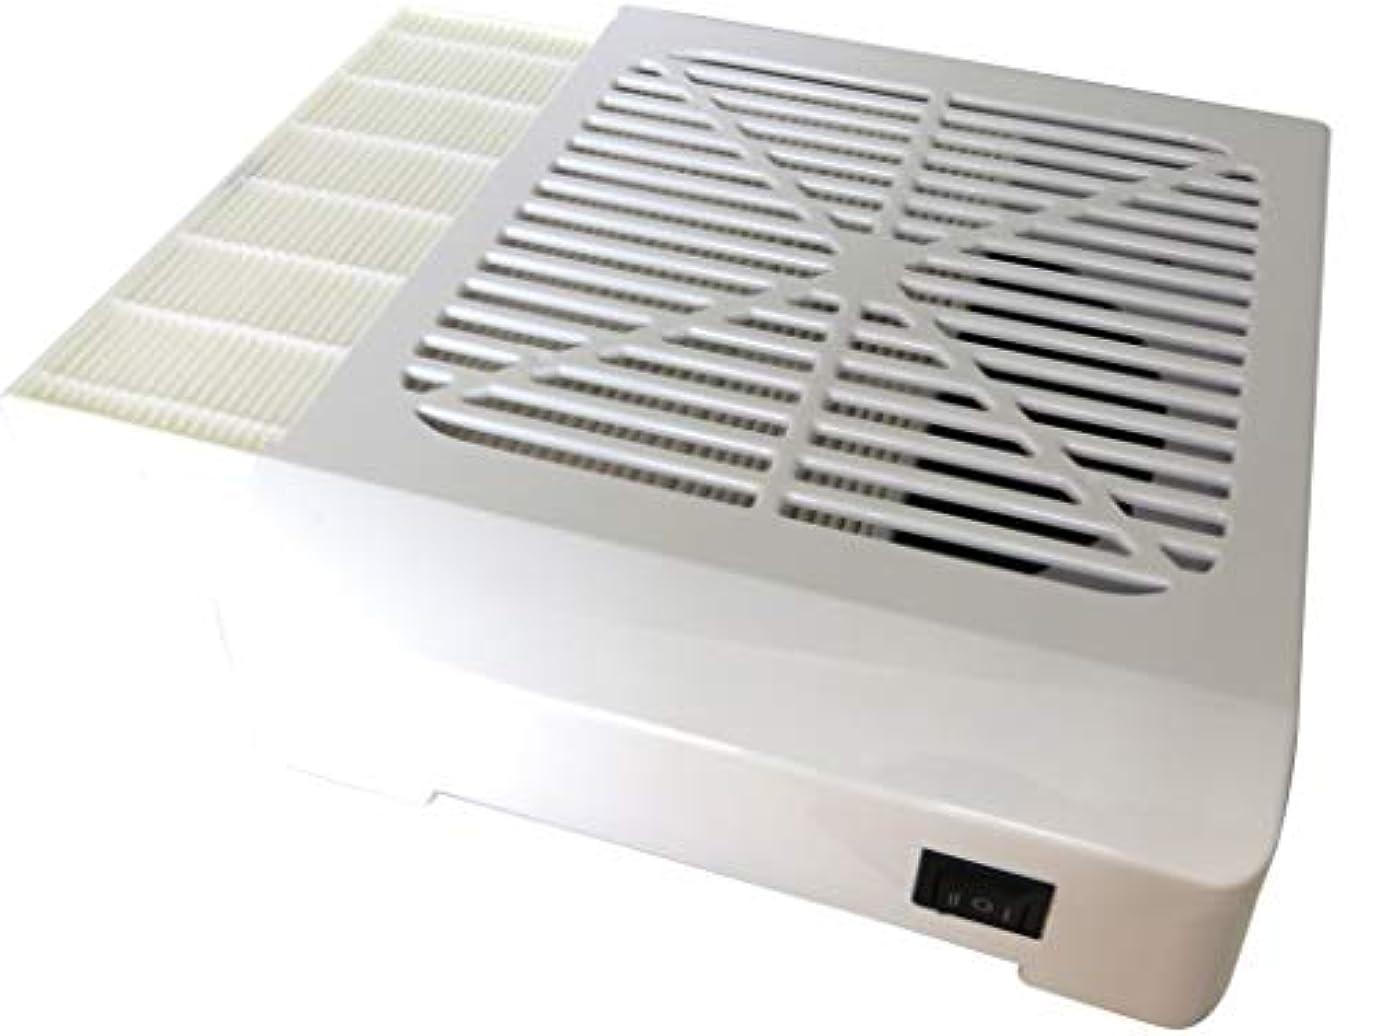 位置づけるステレオオーストラリア充電式卓上集塵機 ダスティ